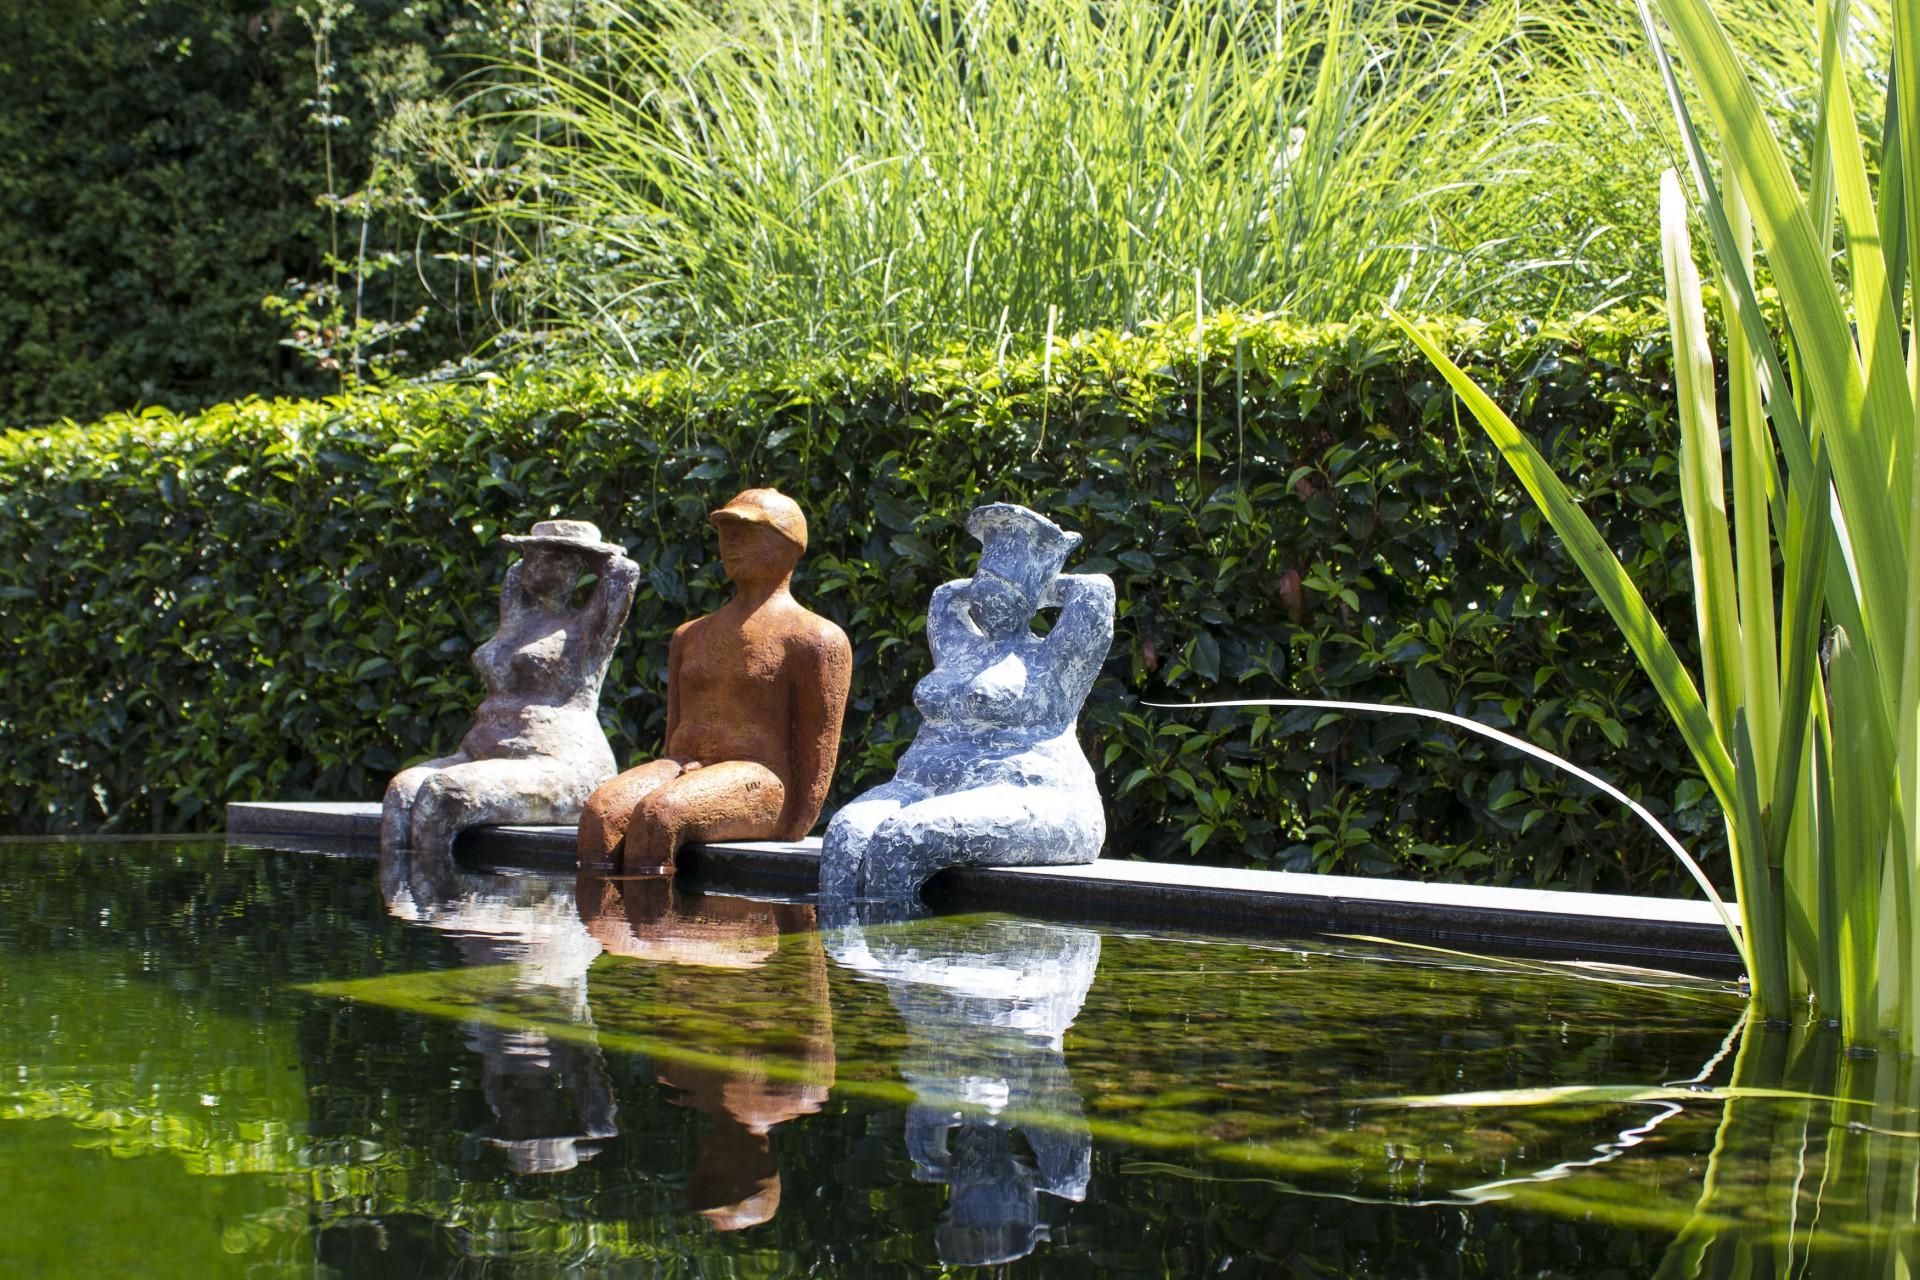 gezellig pootje baden